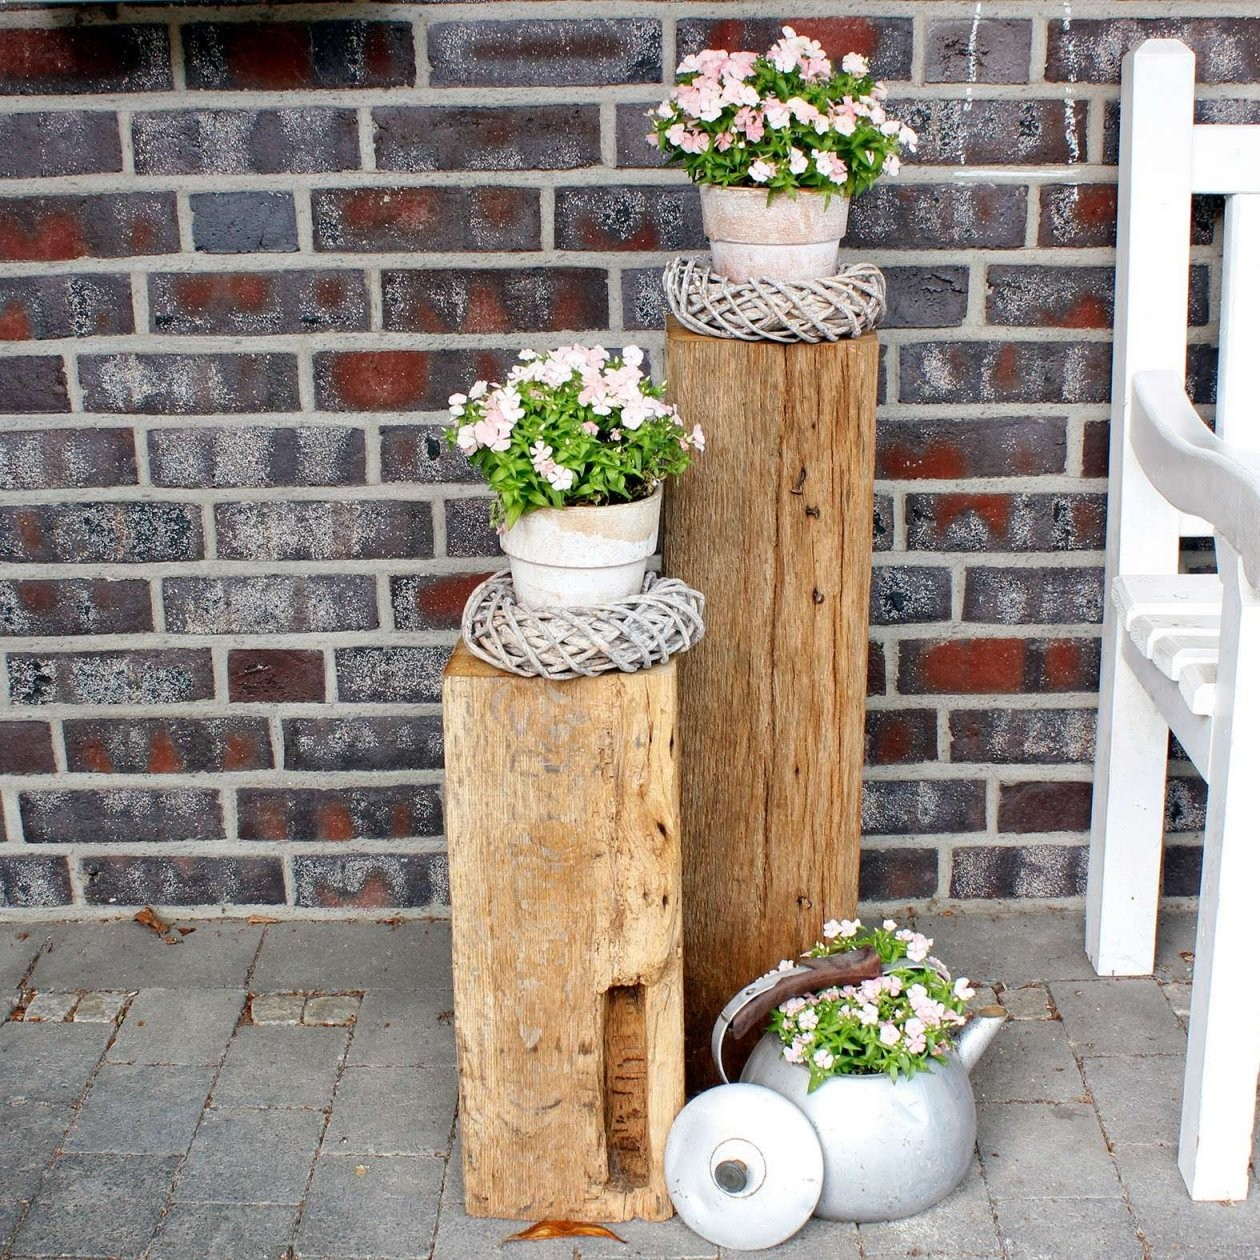 Haustür Deko Kommunion Designideen Von Schöne Bilder Frühling von Deko Ideen Vor Der Haustür Frühling Bild